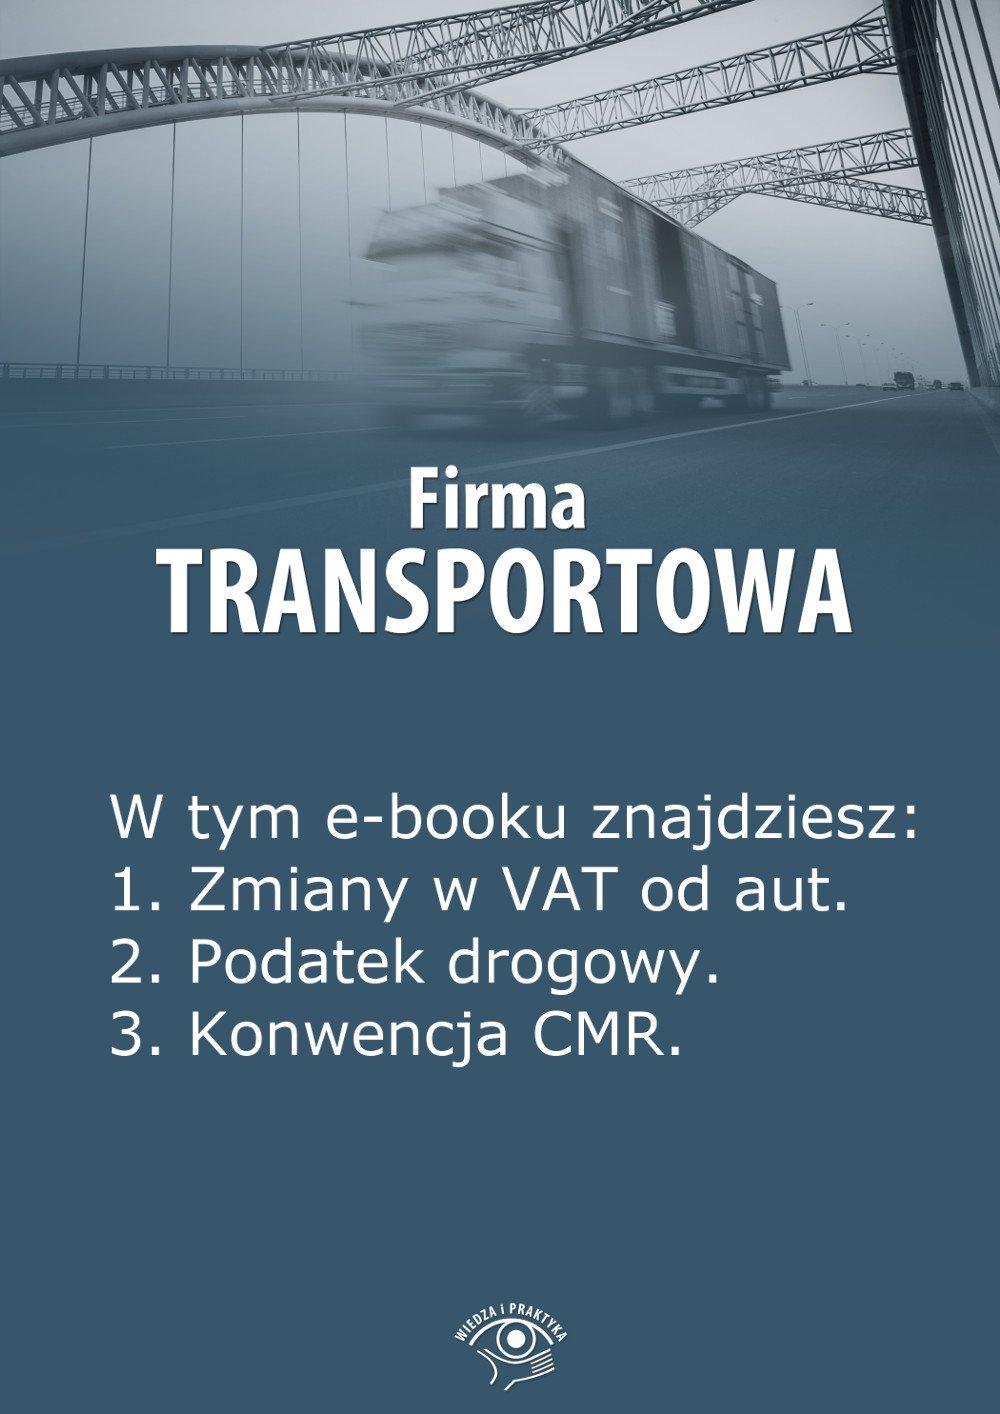 Firma transportowa. Wydanie marzec 2014 r. - Ebook (Książka EPUB) do pobrania w formacie EPUB